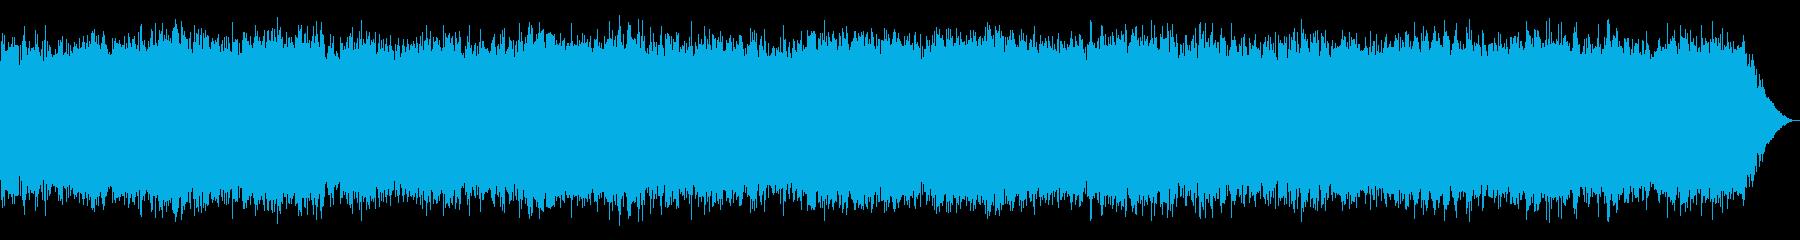 冷蔵庫の中の音01(3分-通常版)の再生済みの波形